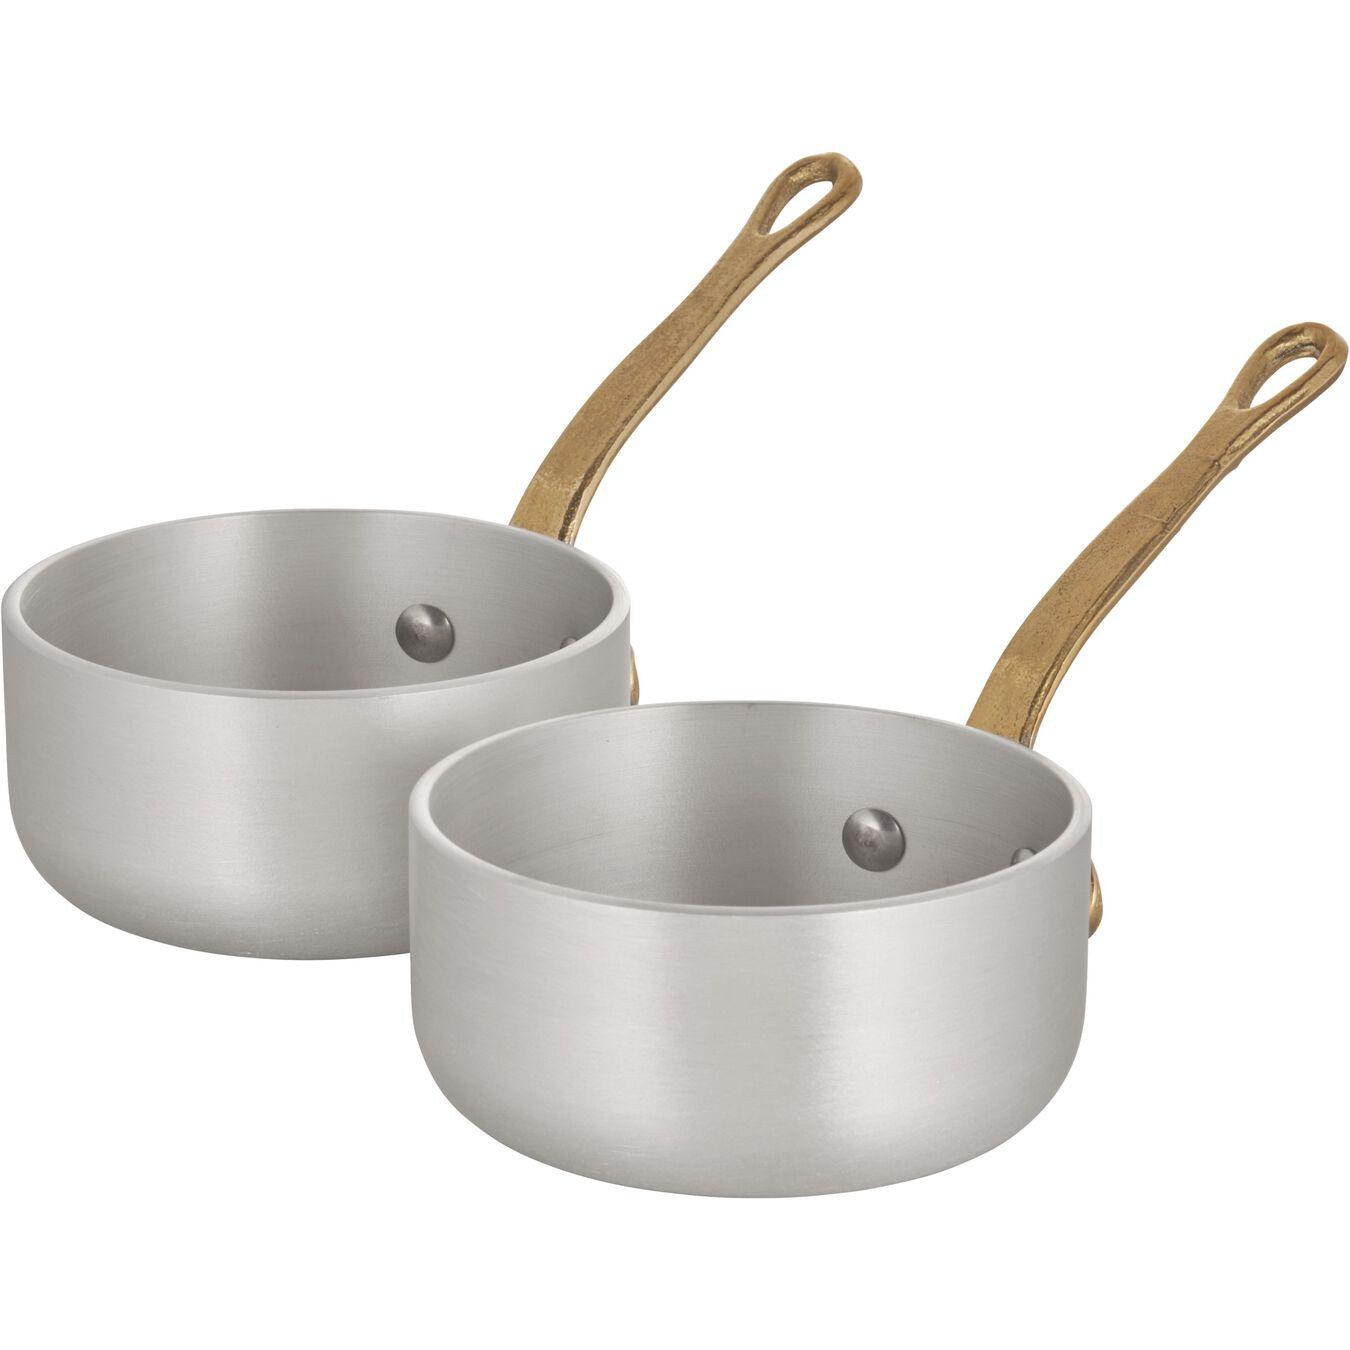 2-pc, Pots and pans set,,large 1